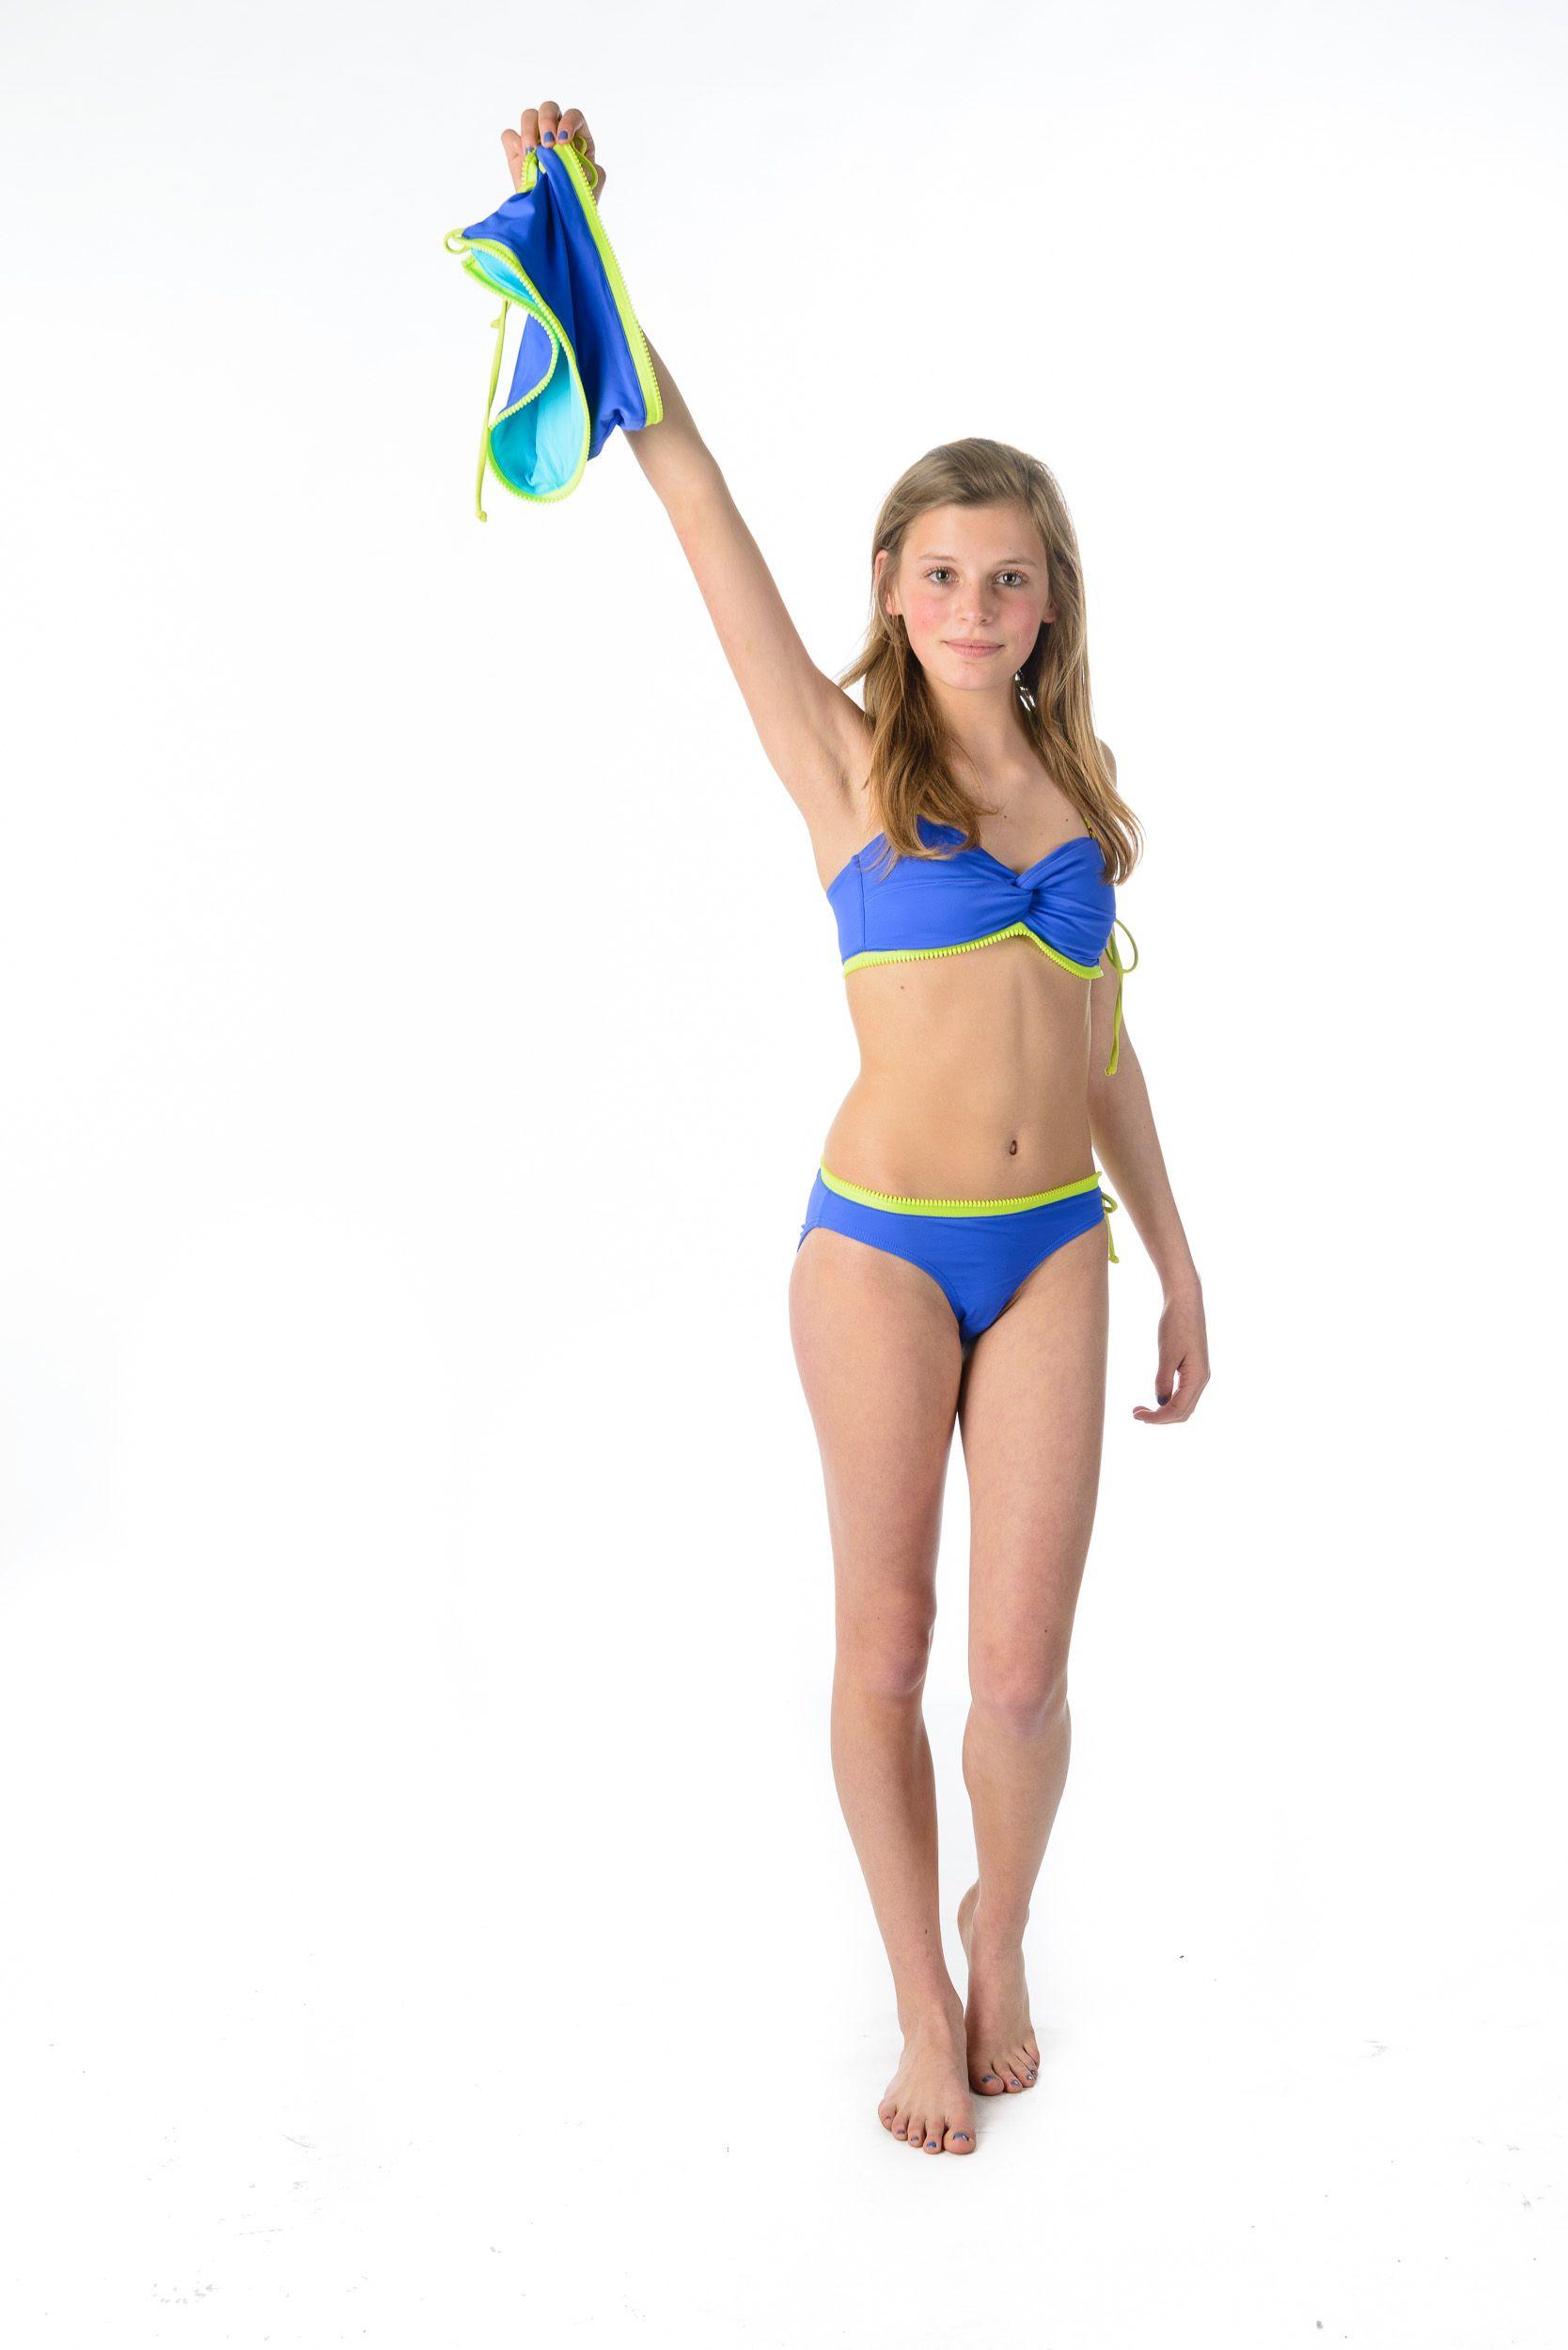 Bikini Pics Teen 73